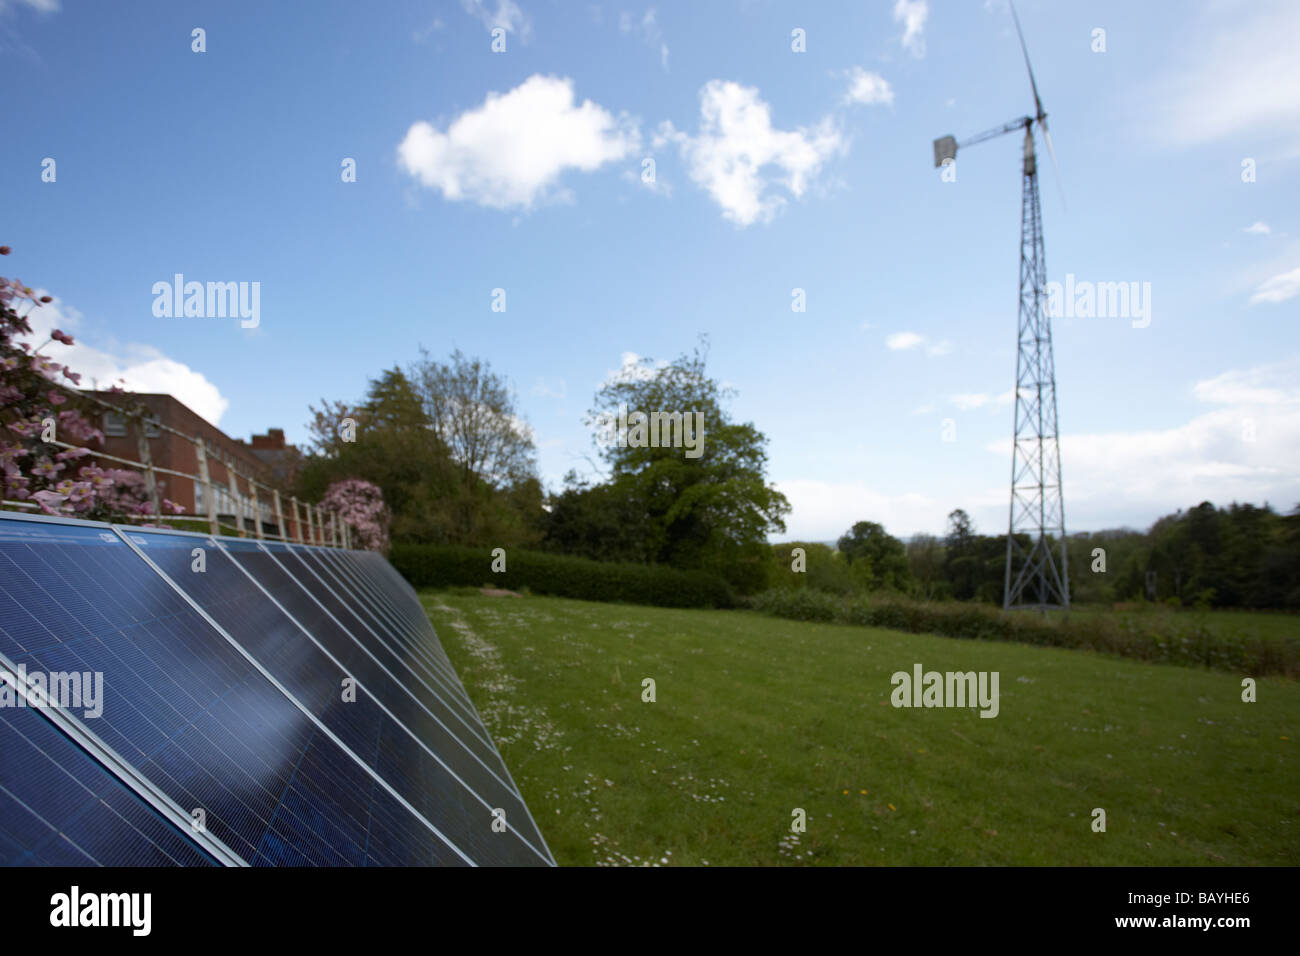 Sol brillando sobre una matriz de silicio policristalino azulado de paneles solares fotovoltaicos y turbinas eólicas Imagen De Stock